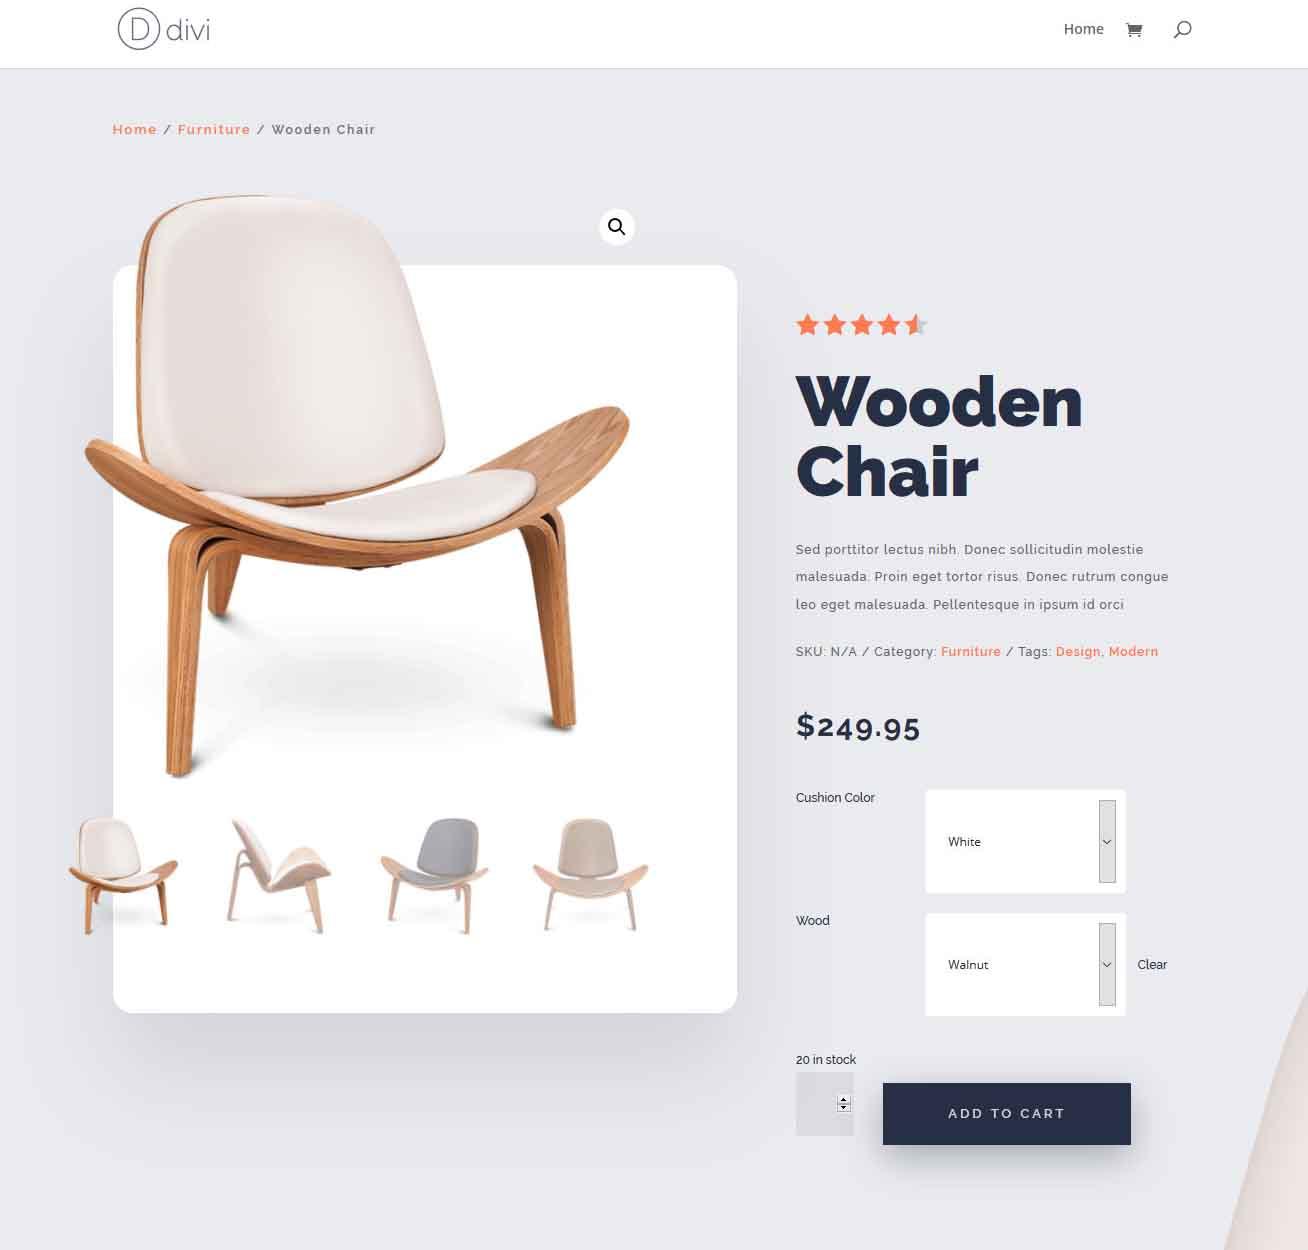 Divi Woo modulokkal felépített Woocommerce Product Page